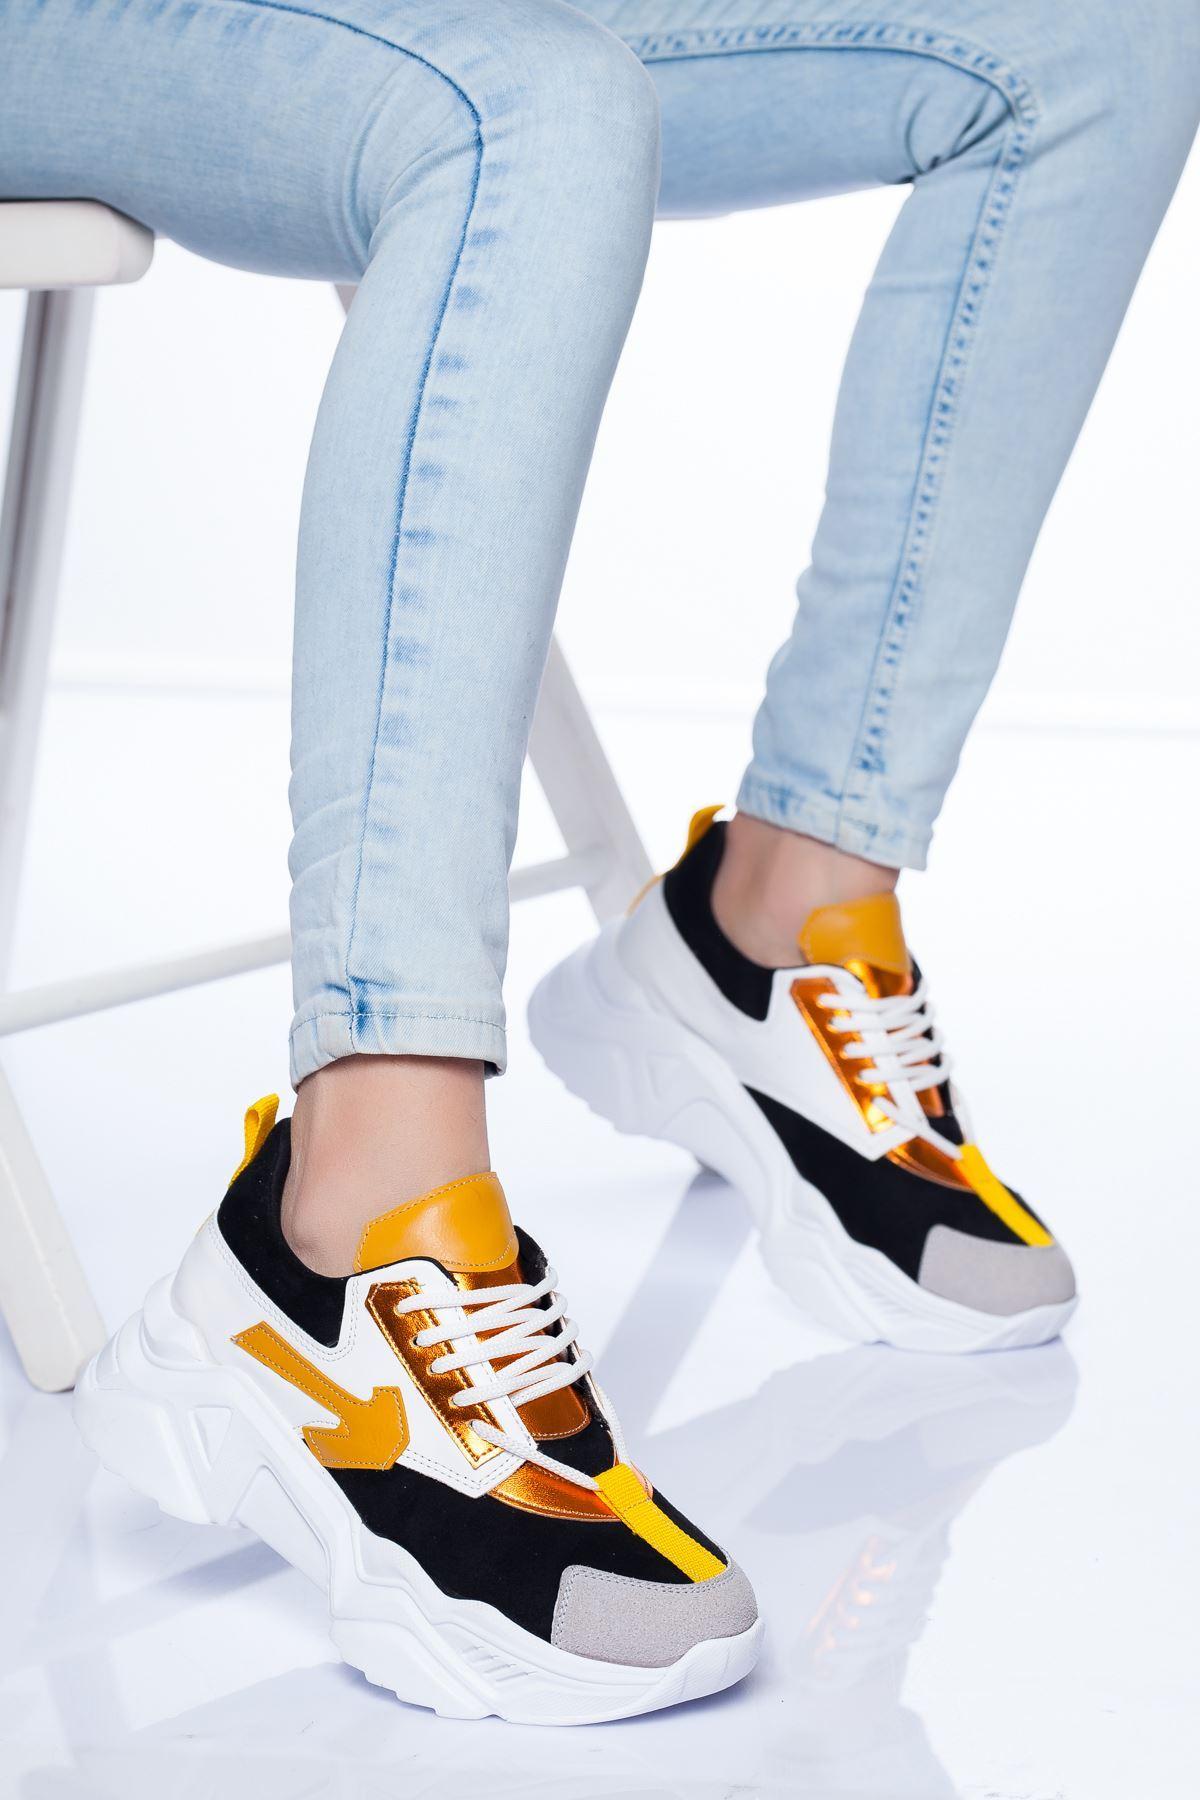 Marvin Spor Ayakkabı SİYAH SARI